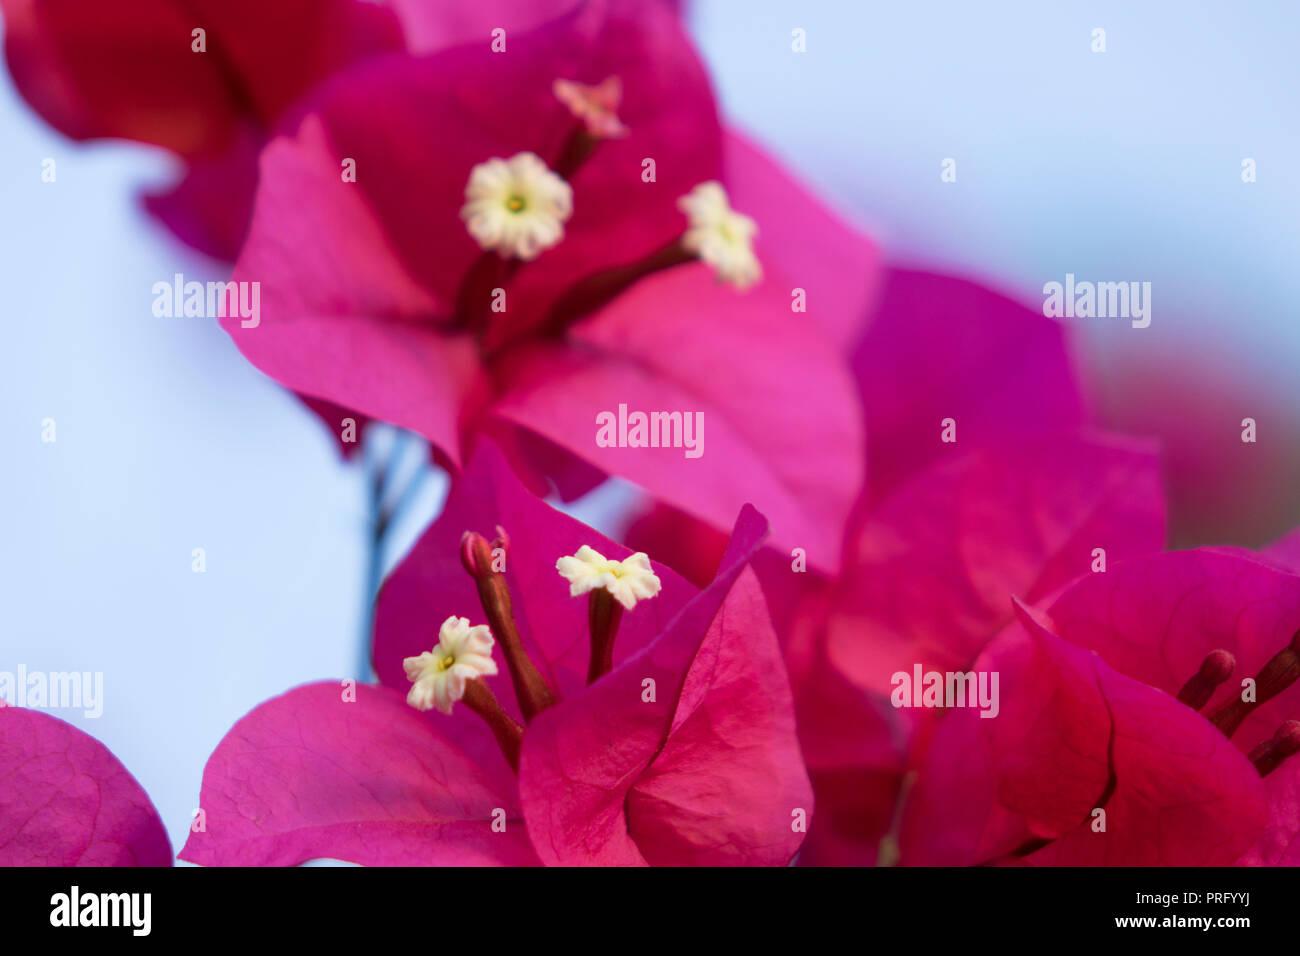 bractées foliacées ornementales voyantes teintée rose vif rose